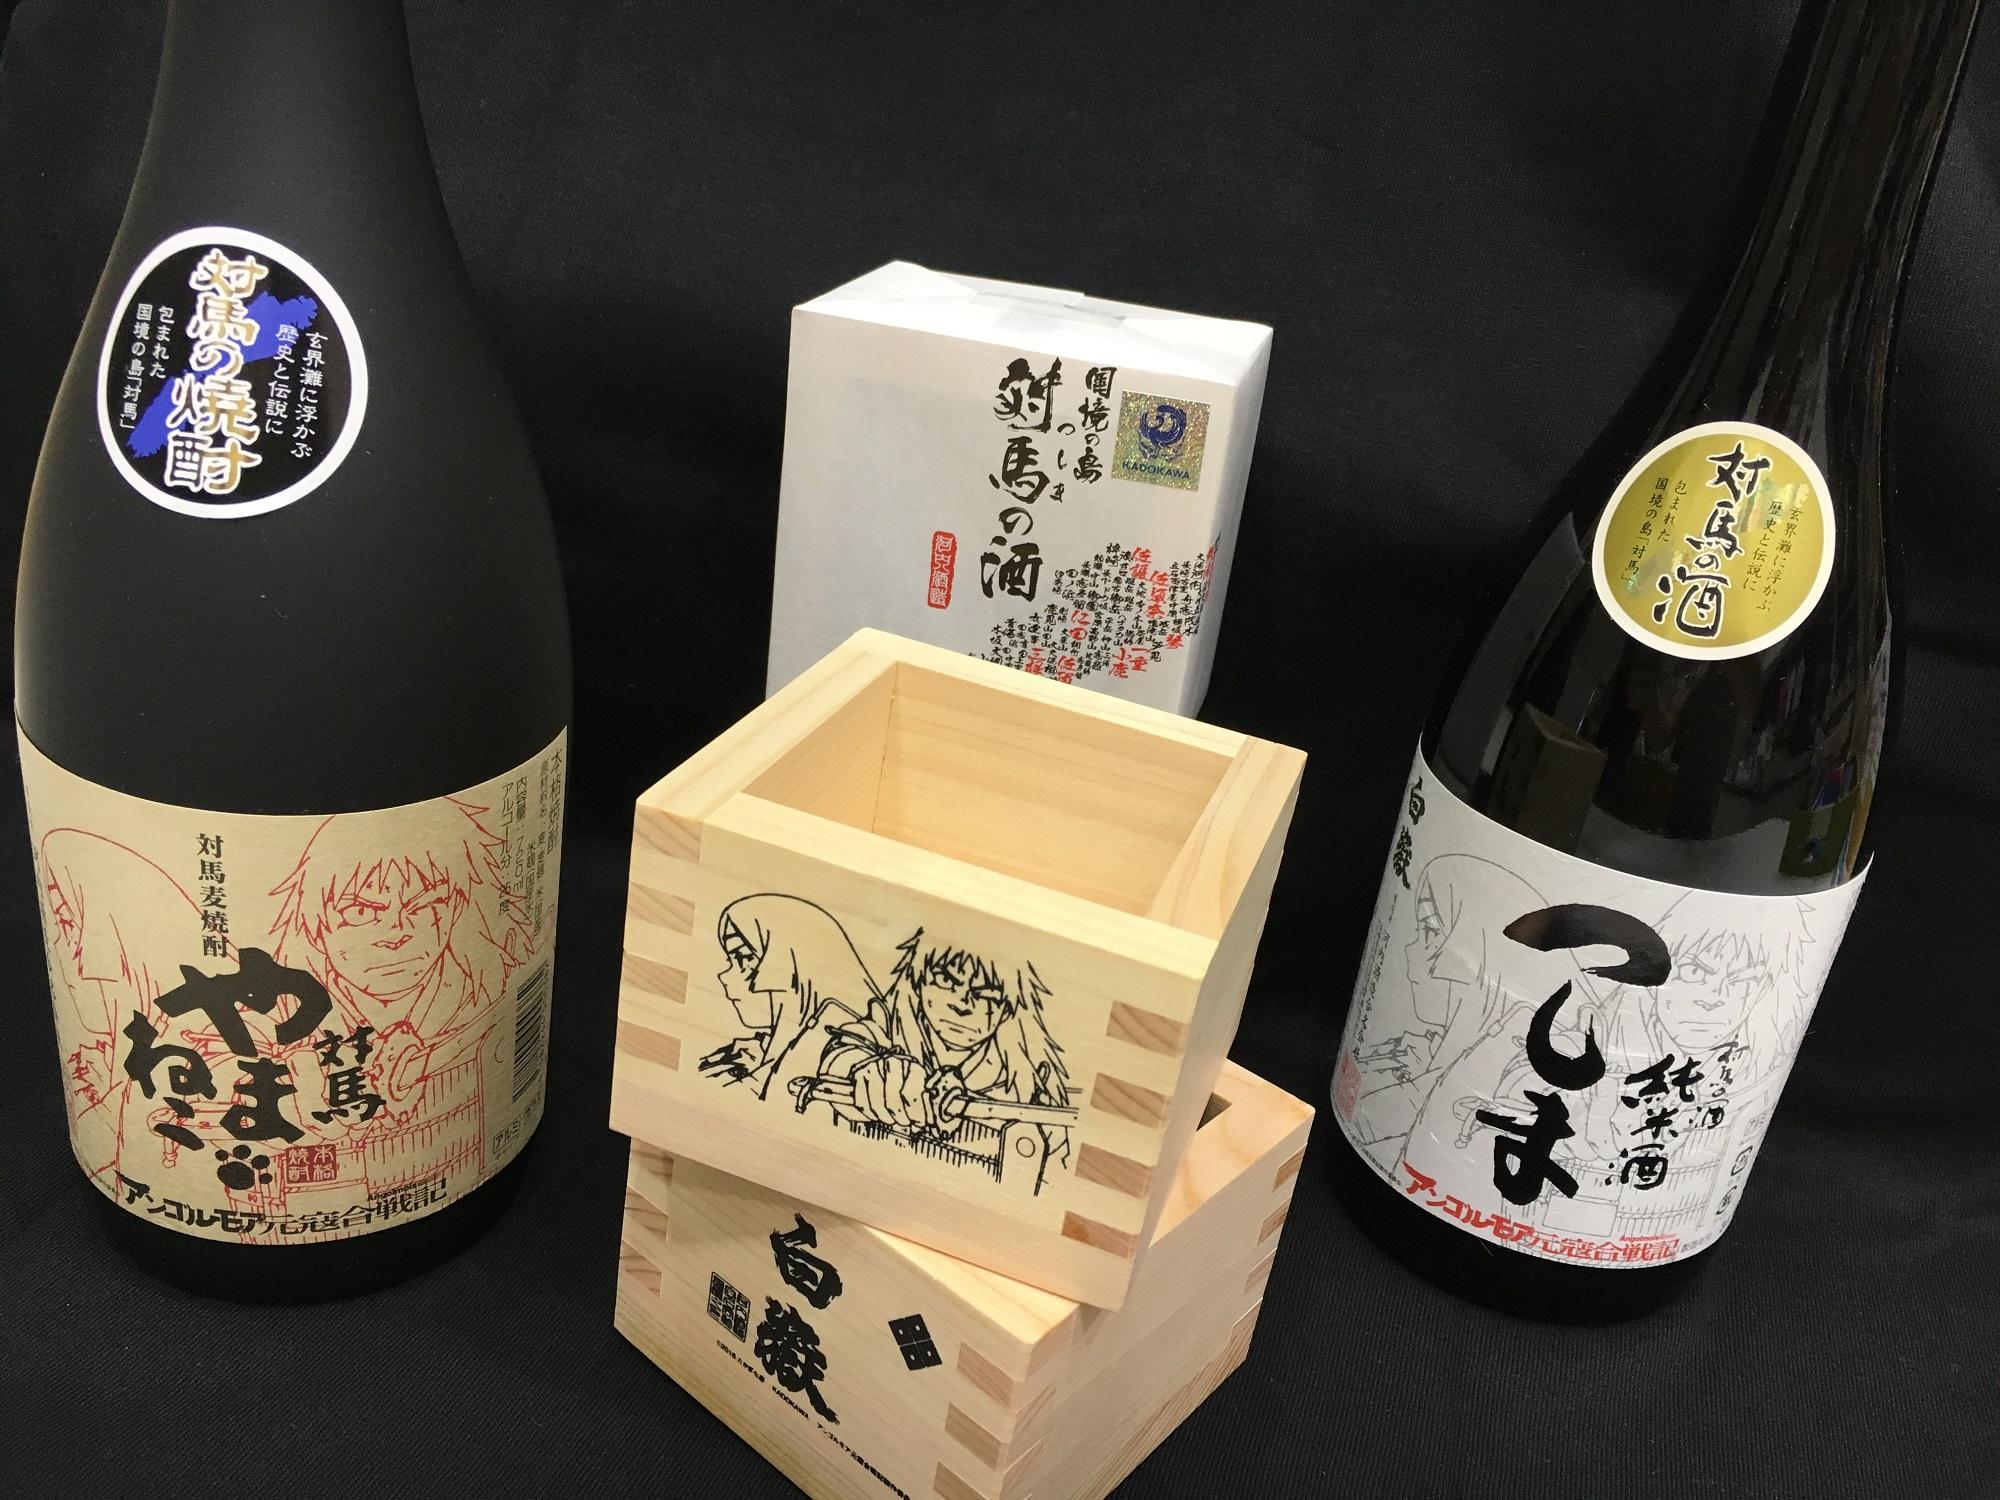 コラボ商品:河内酒造